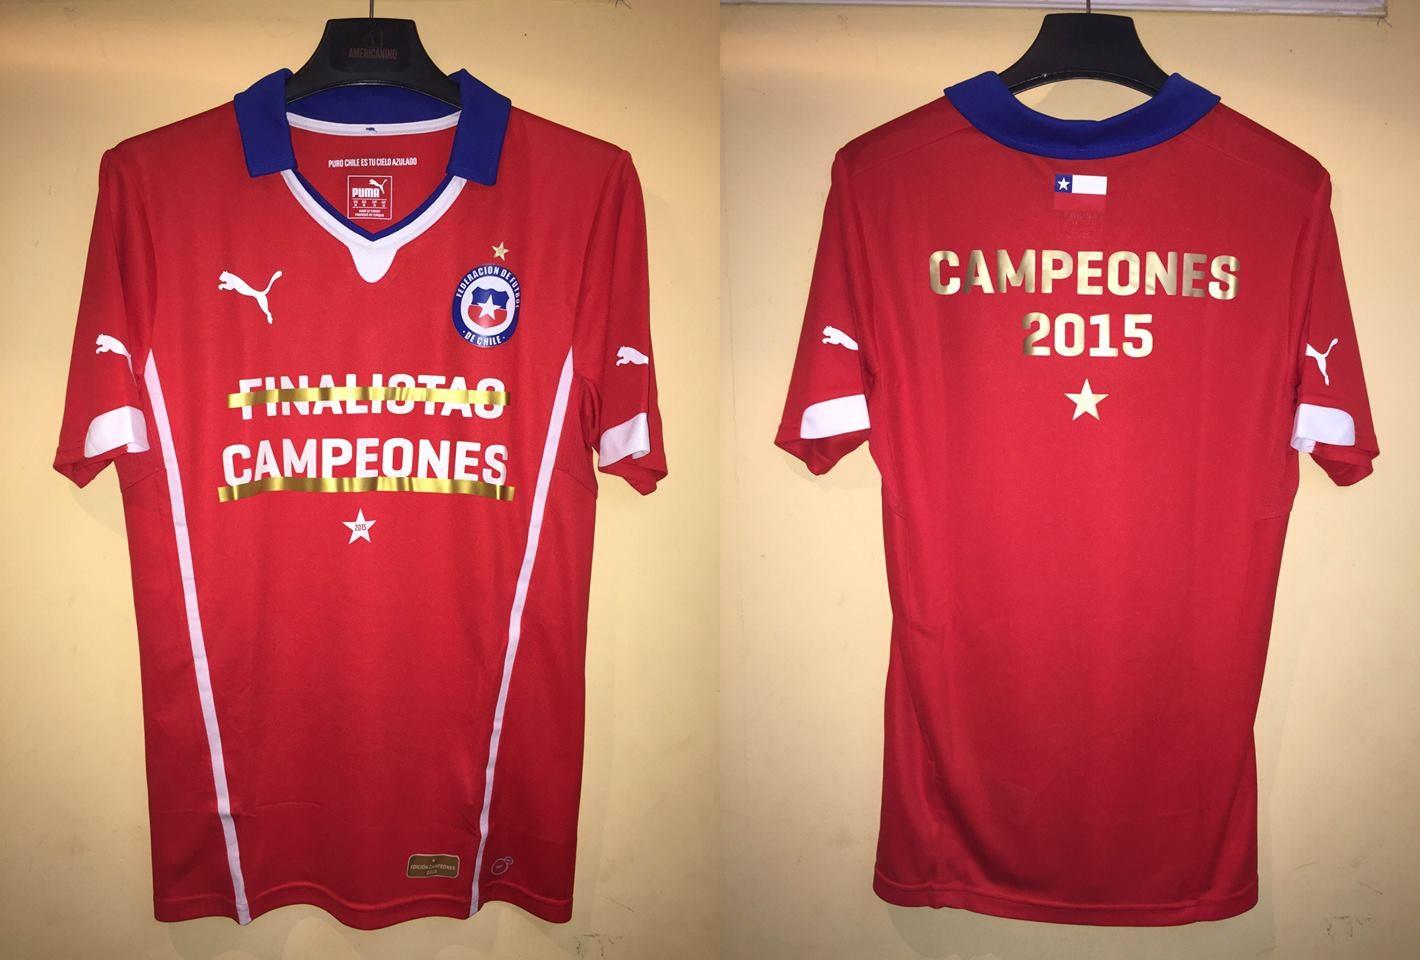 Seleccion Chilena FINALISTAS CAMPEONES 2015 COPA AMERICA be6ecdbccad6a